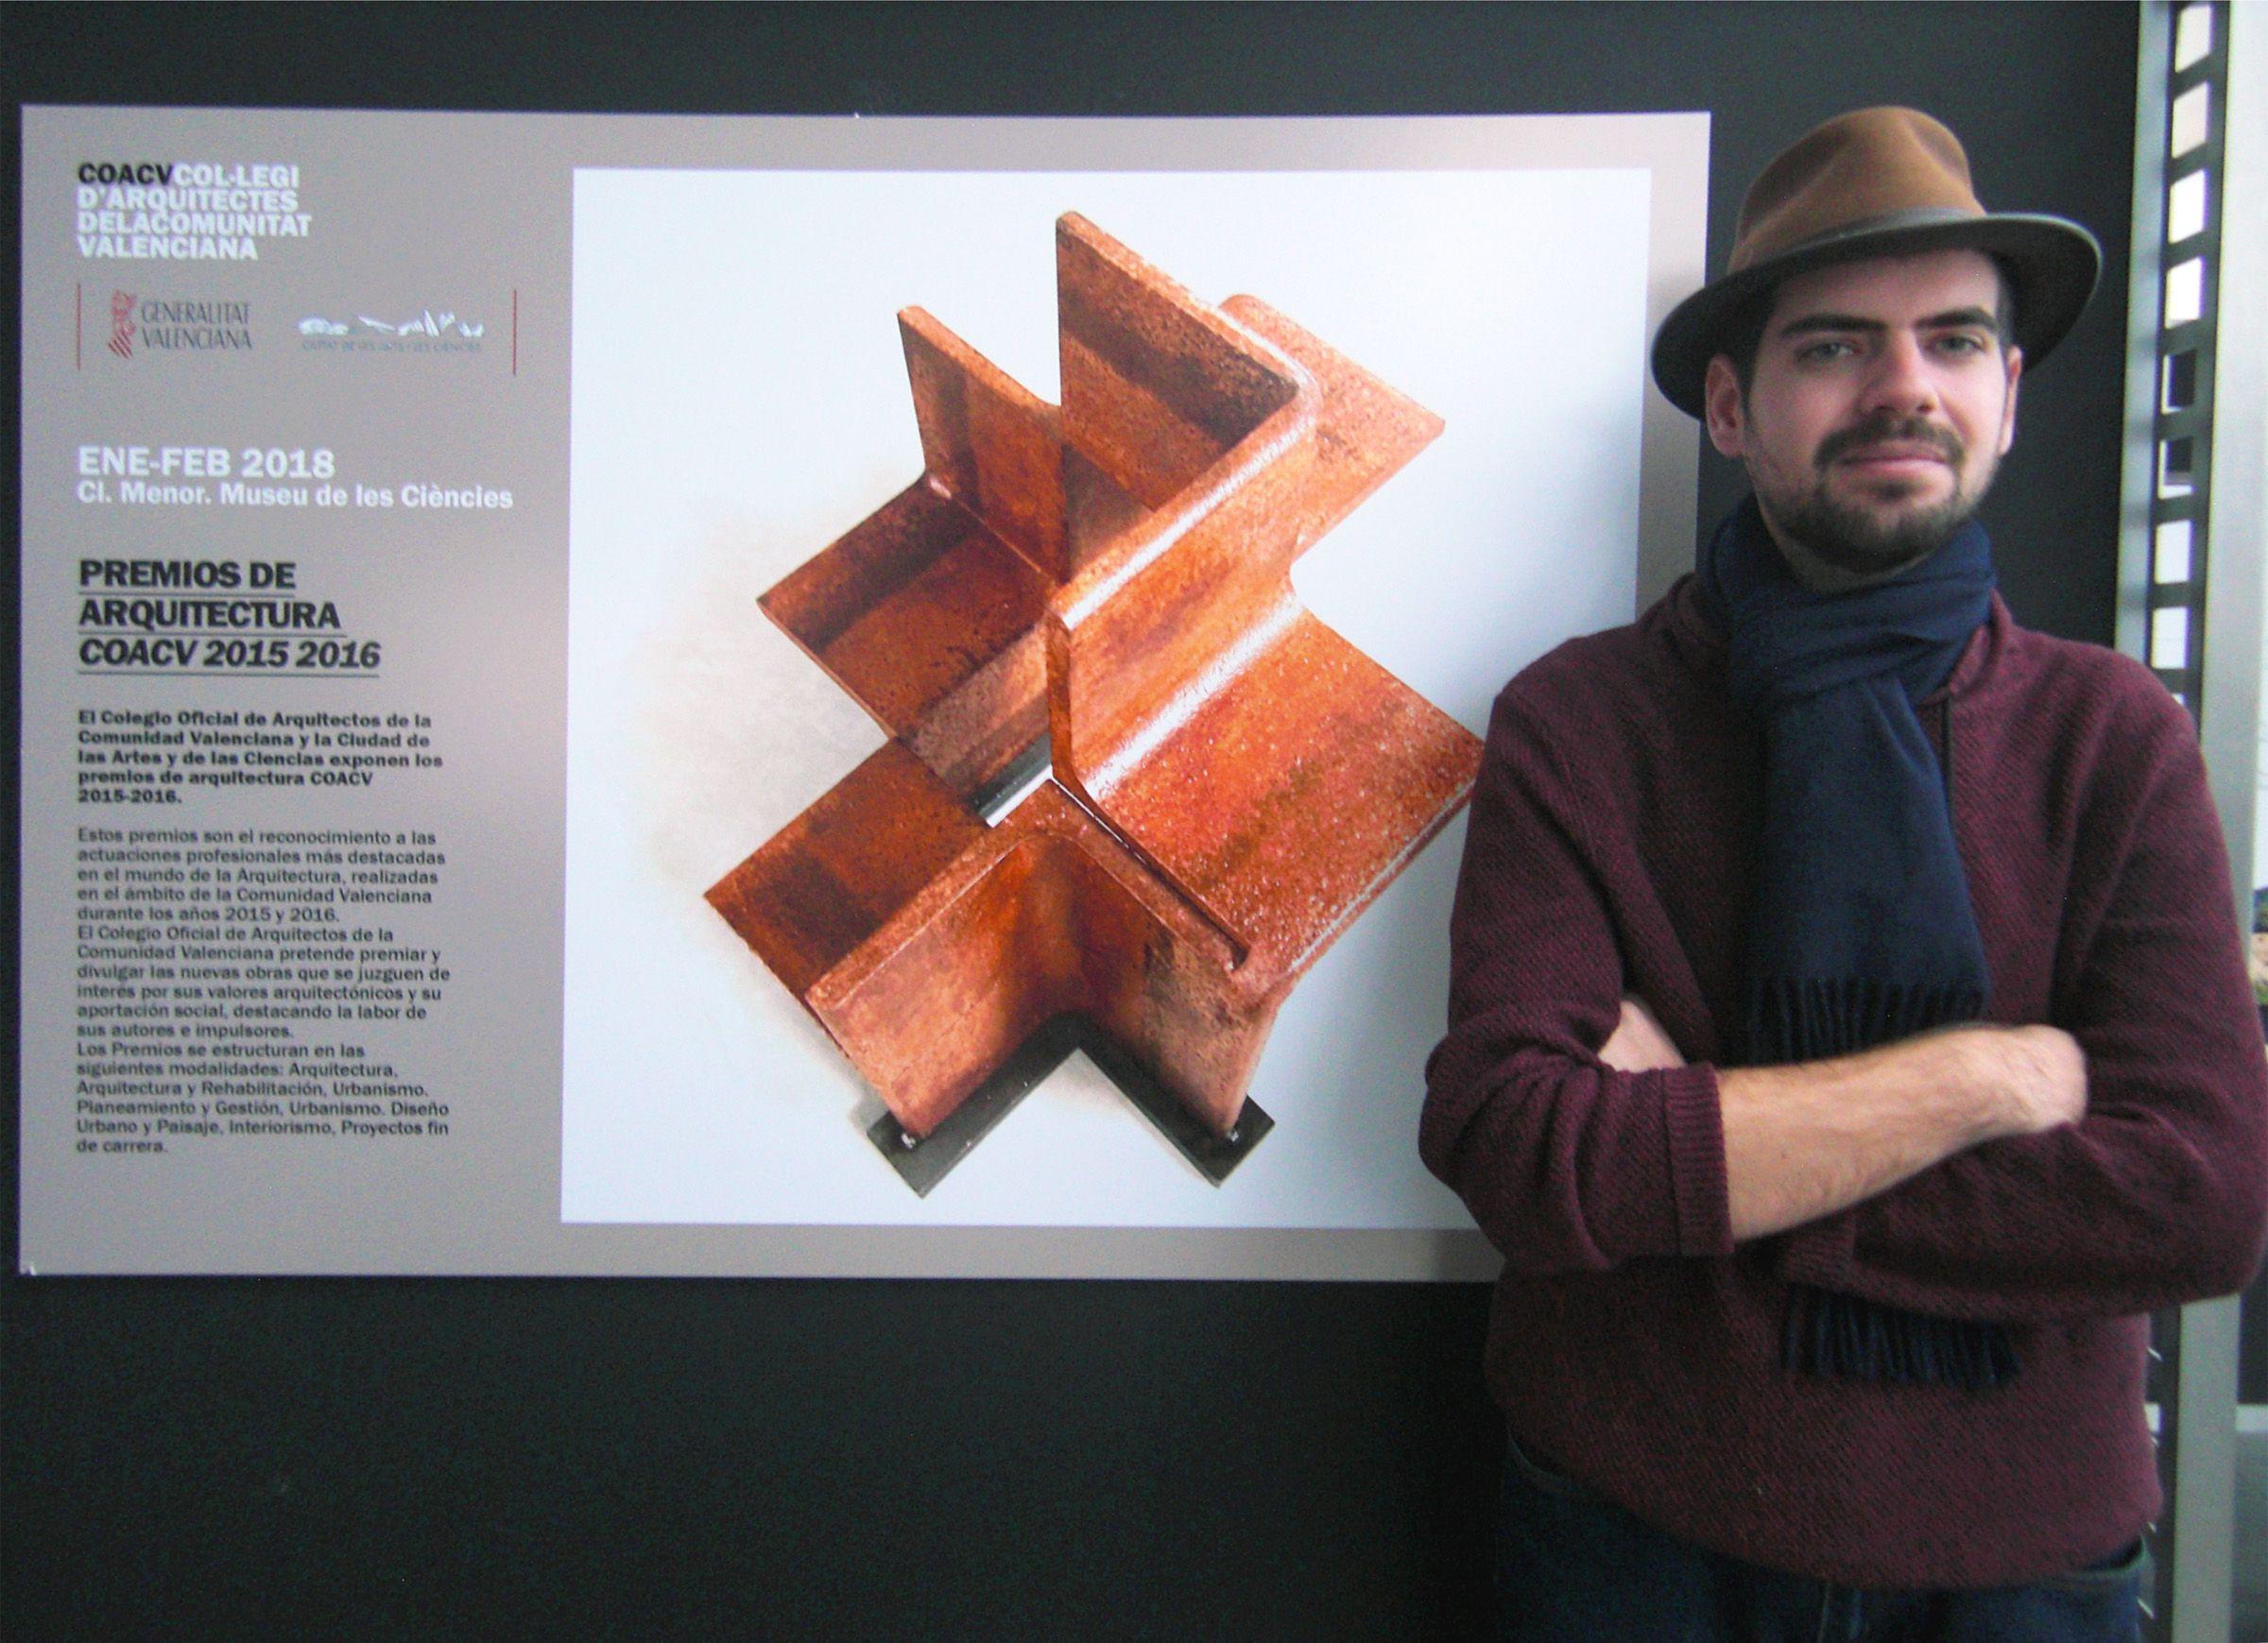 José Luis Moreno Delgado, formado en Arquitectura en la CEU-UCH, premio al mejor Proyecto Fin de Carrera del Colegio de Arquitectos de la CV, en la exposición del Museo de las Ciencias.